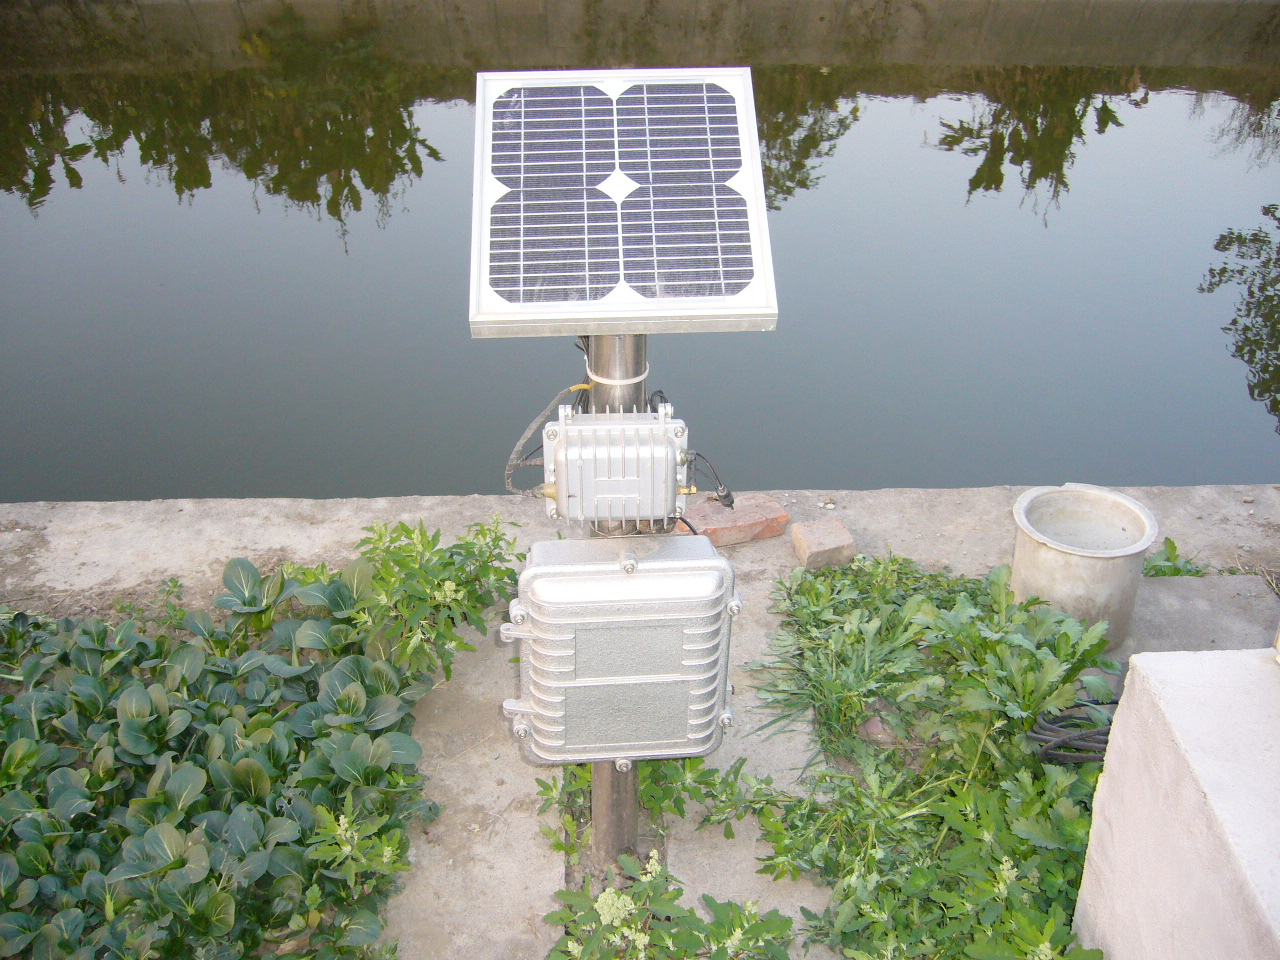 水质一旦异常,监测点会及时反馈数据